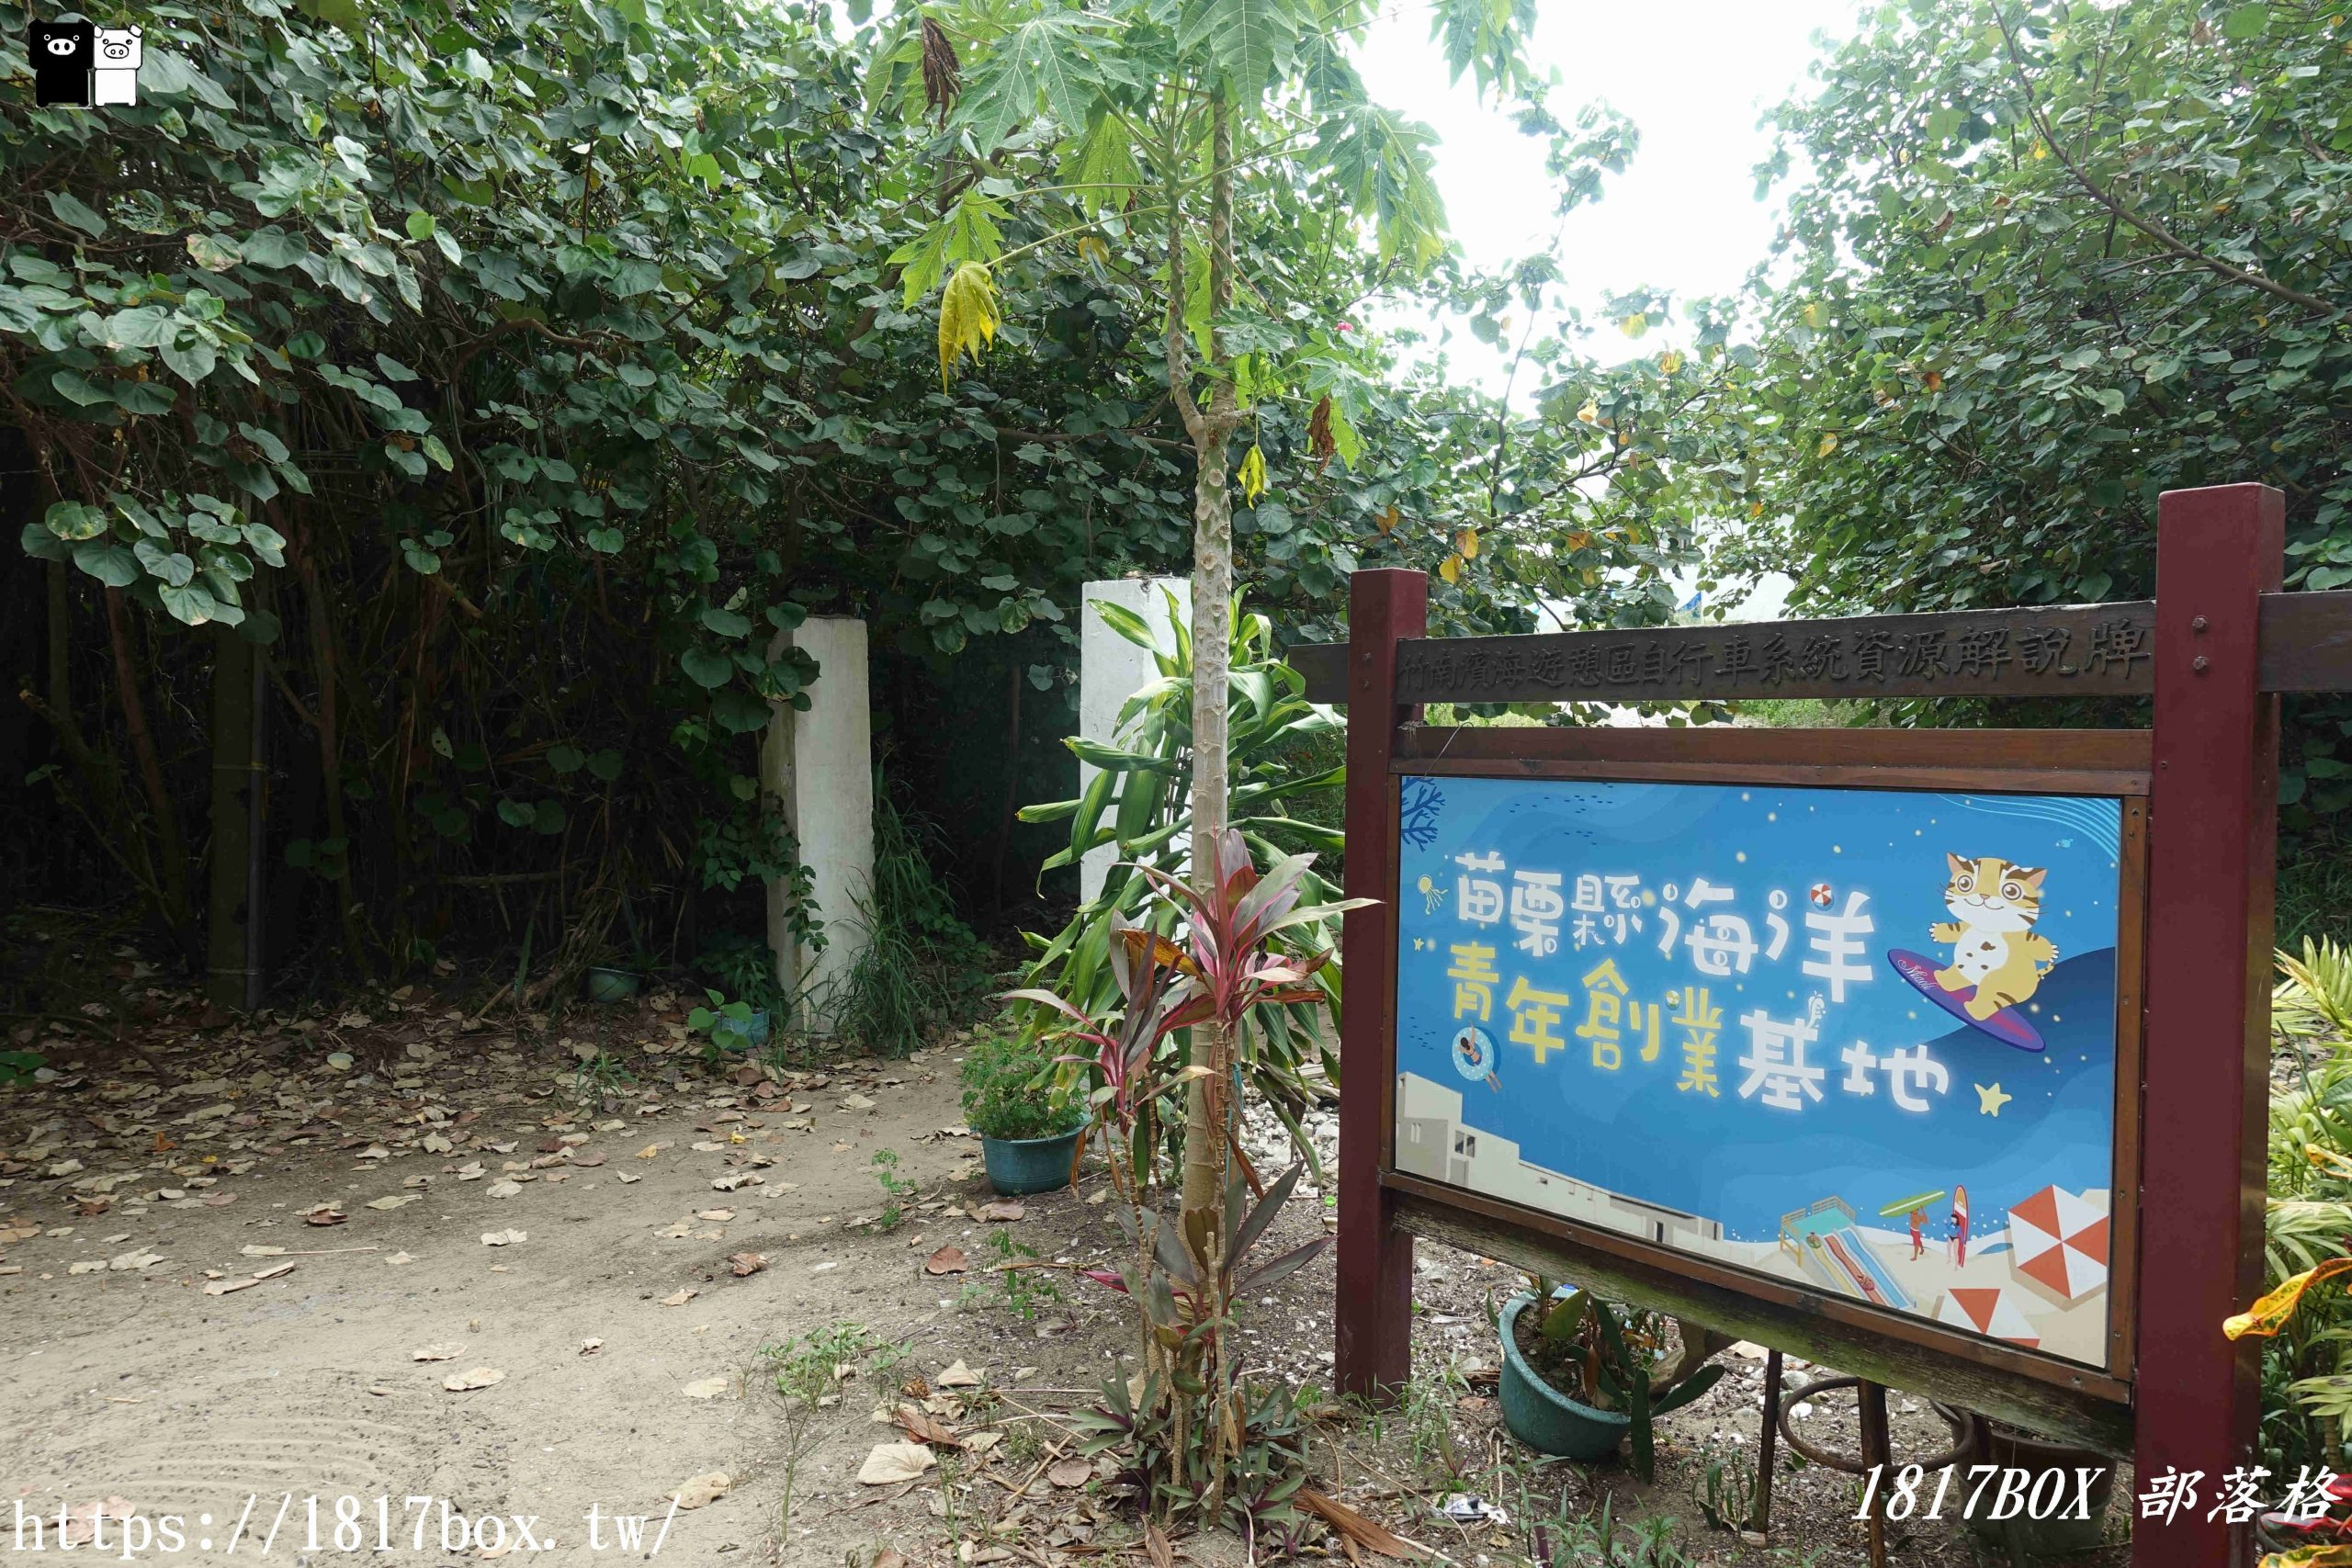 【苗栗。竹南】竹南鎮濱海森林遊憩區。假日之森。晴天也能拍出天空之鏡 @1817BOX部落格